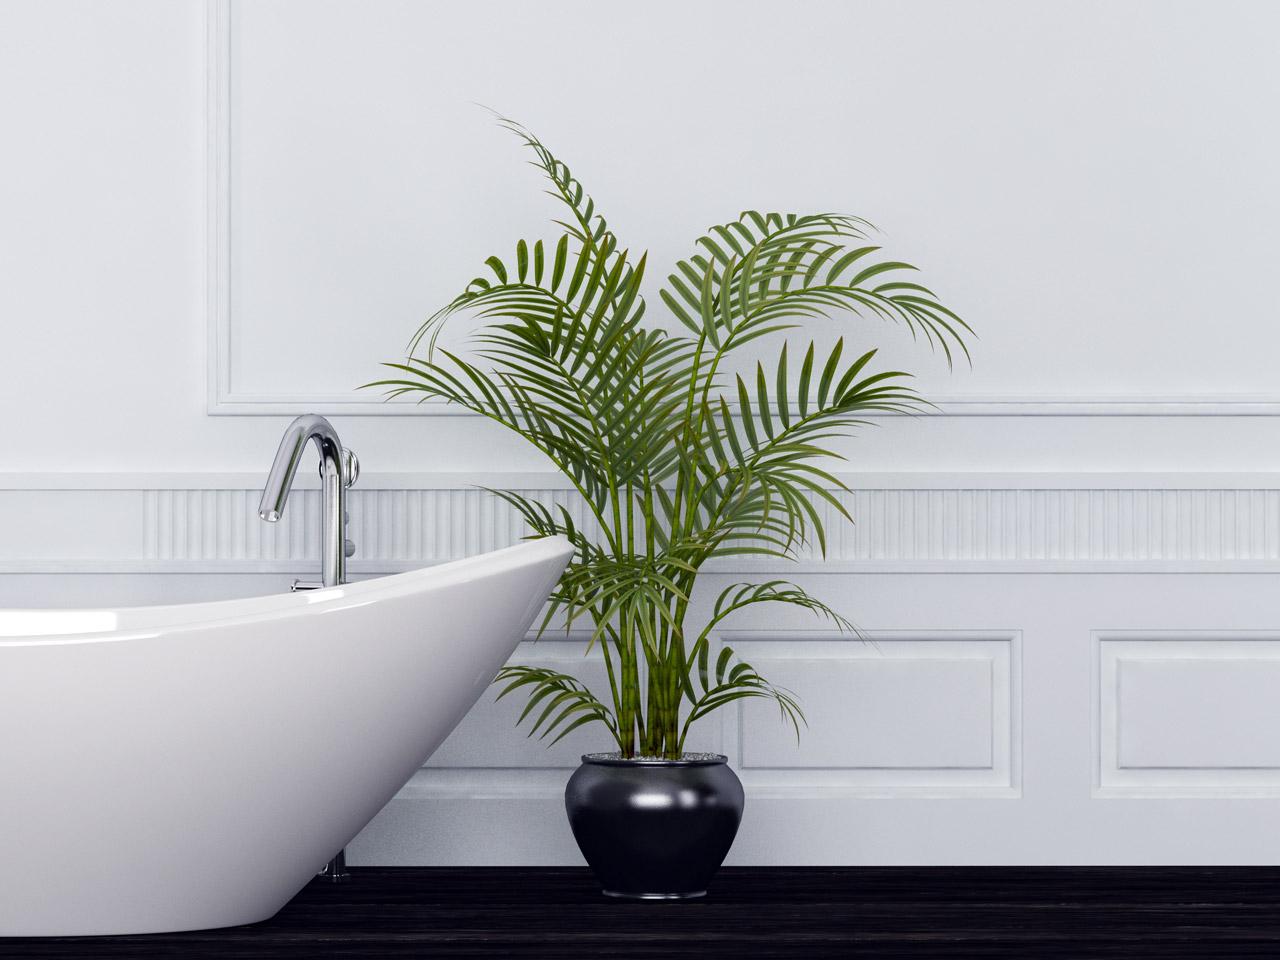 zimmerpflanzen pflege und m glichkeiten. Black Bedroom Furniture Sets. Home Design Ideas